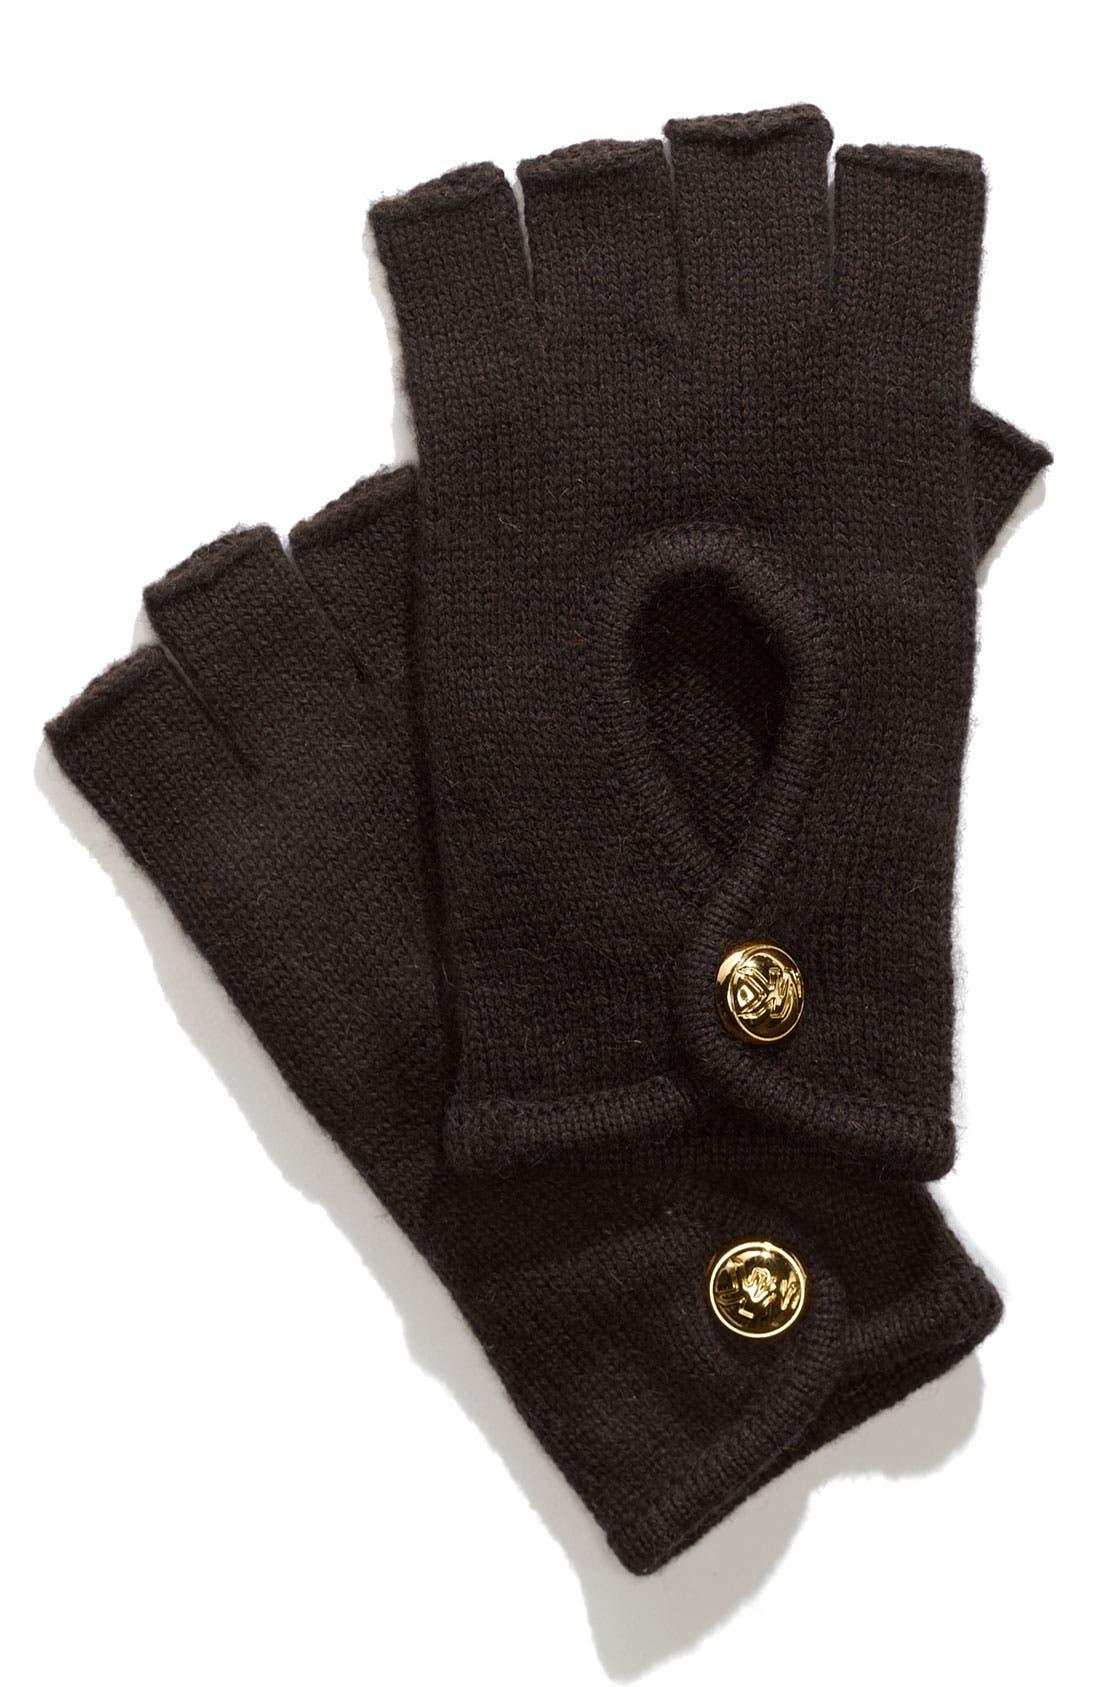 Alternate Image 1 Selected - MICHAEL Michael Kors Fingerless Knit Driving Gloves